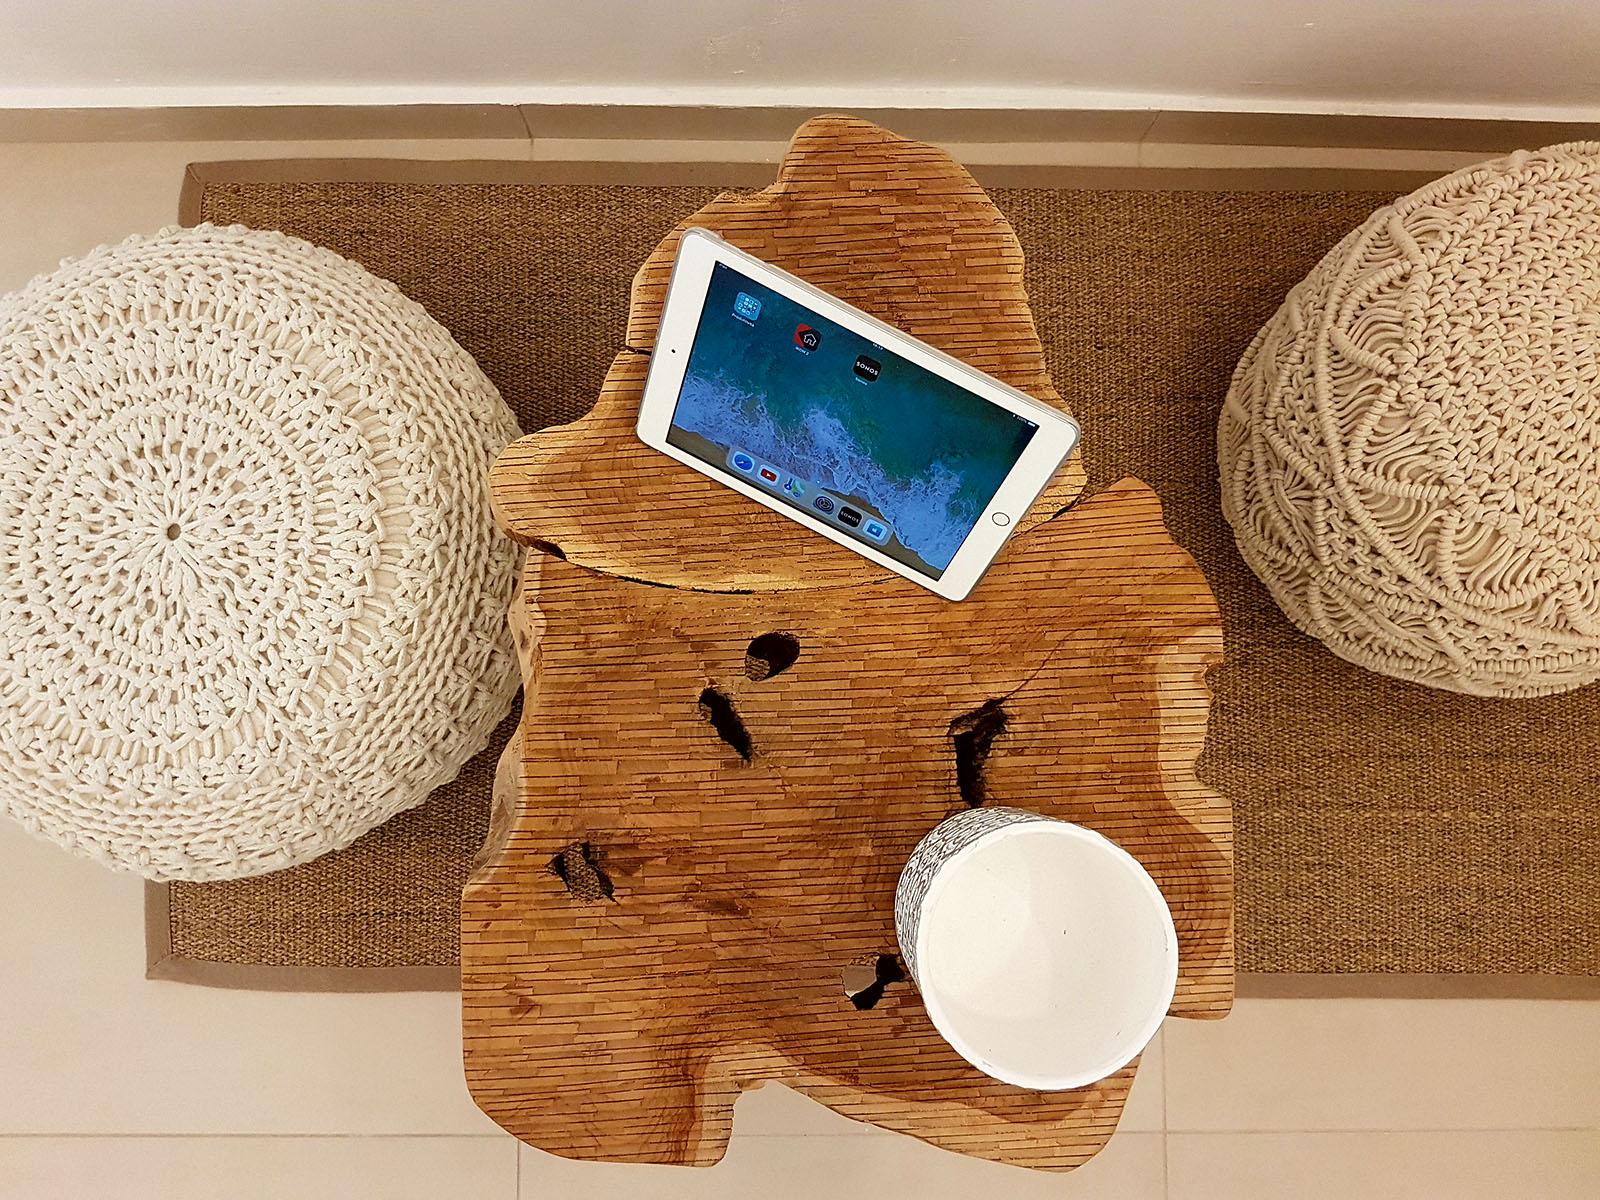 Impianto domotico Konnex per un Bed and Breakfast ad Agropoli in provincia di Salerno. La domotica knx nel B&B Break For Two è stata realizzata con prodotti Ekinex